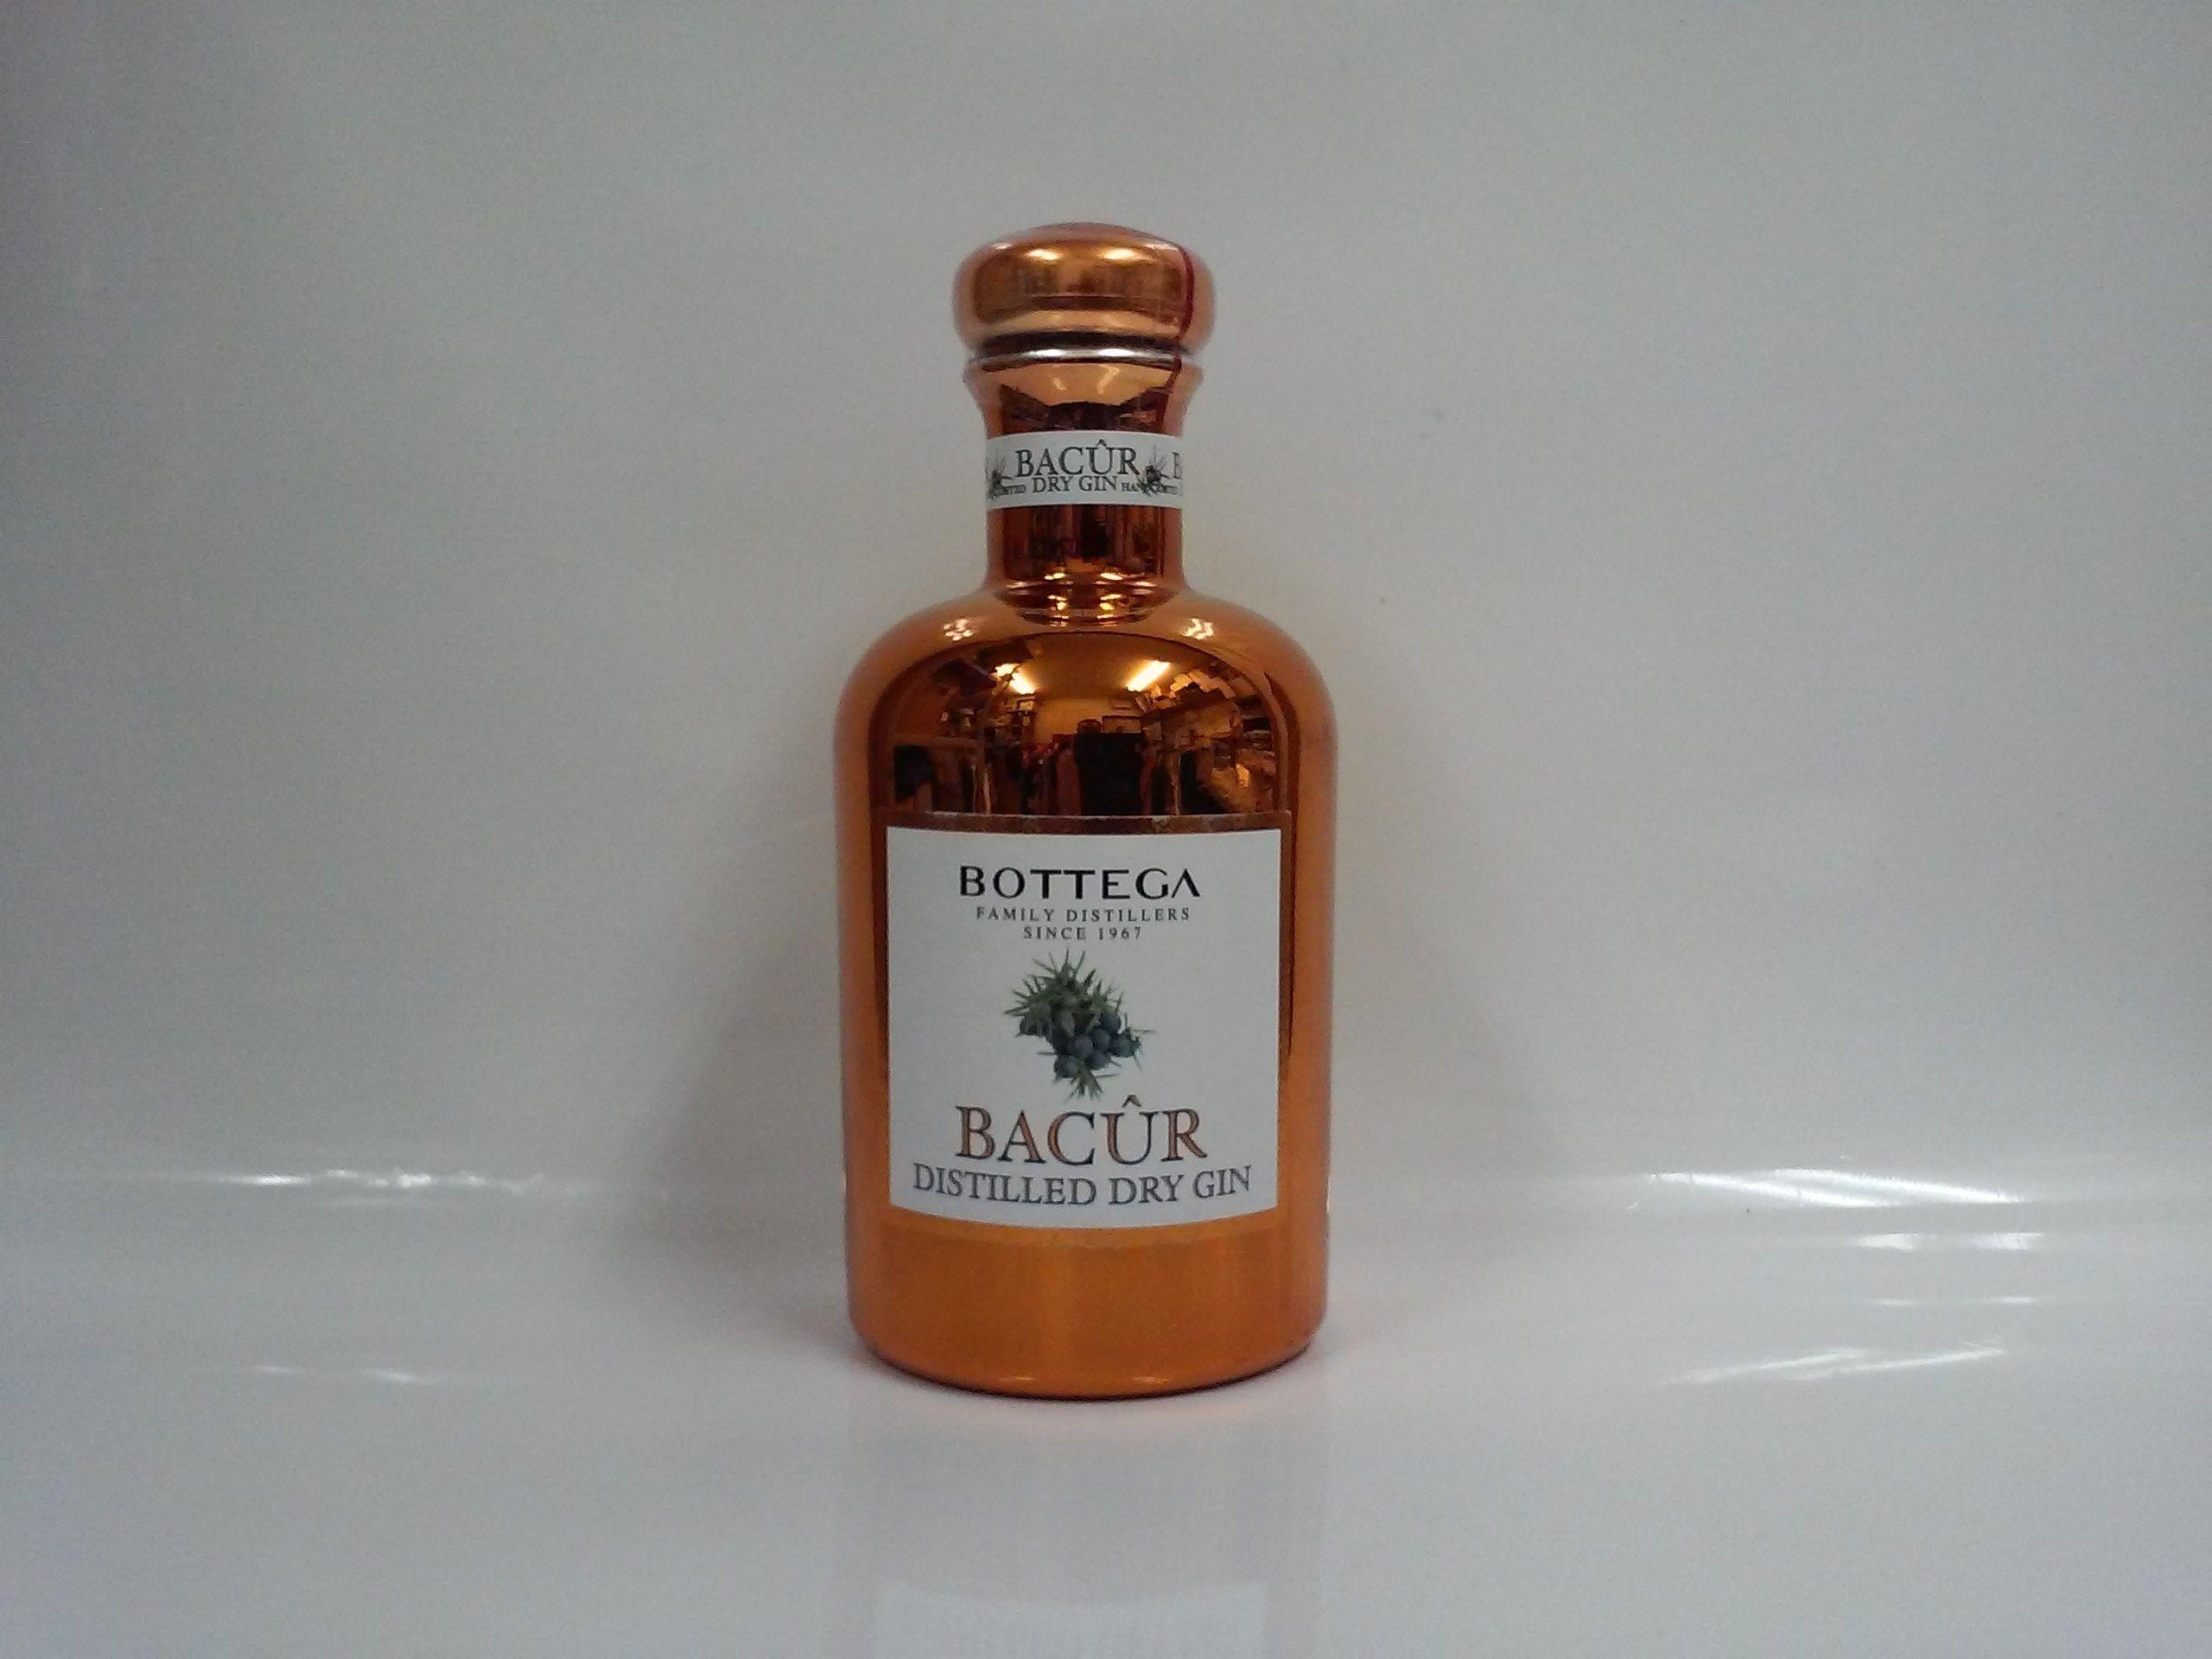 ボッテガ バクール・ドライジン 40% 500ml(イタリア) BOTTEGA Bacur Dry Gin